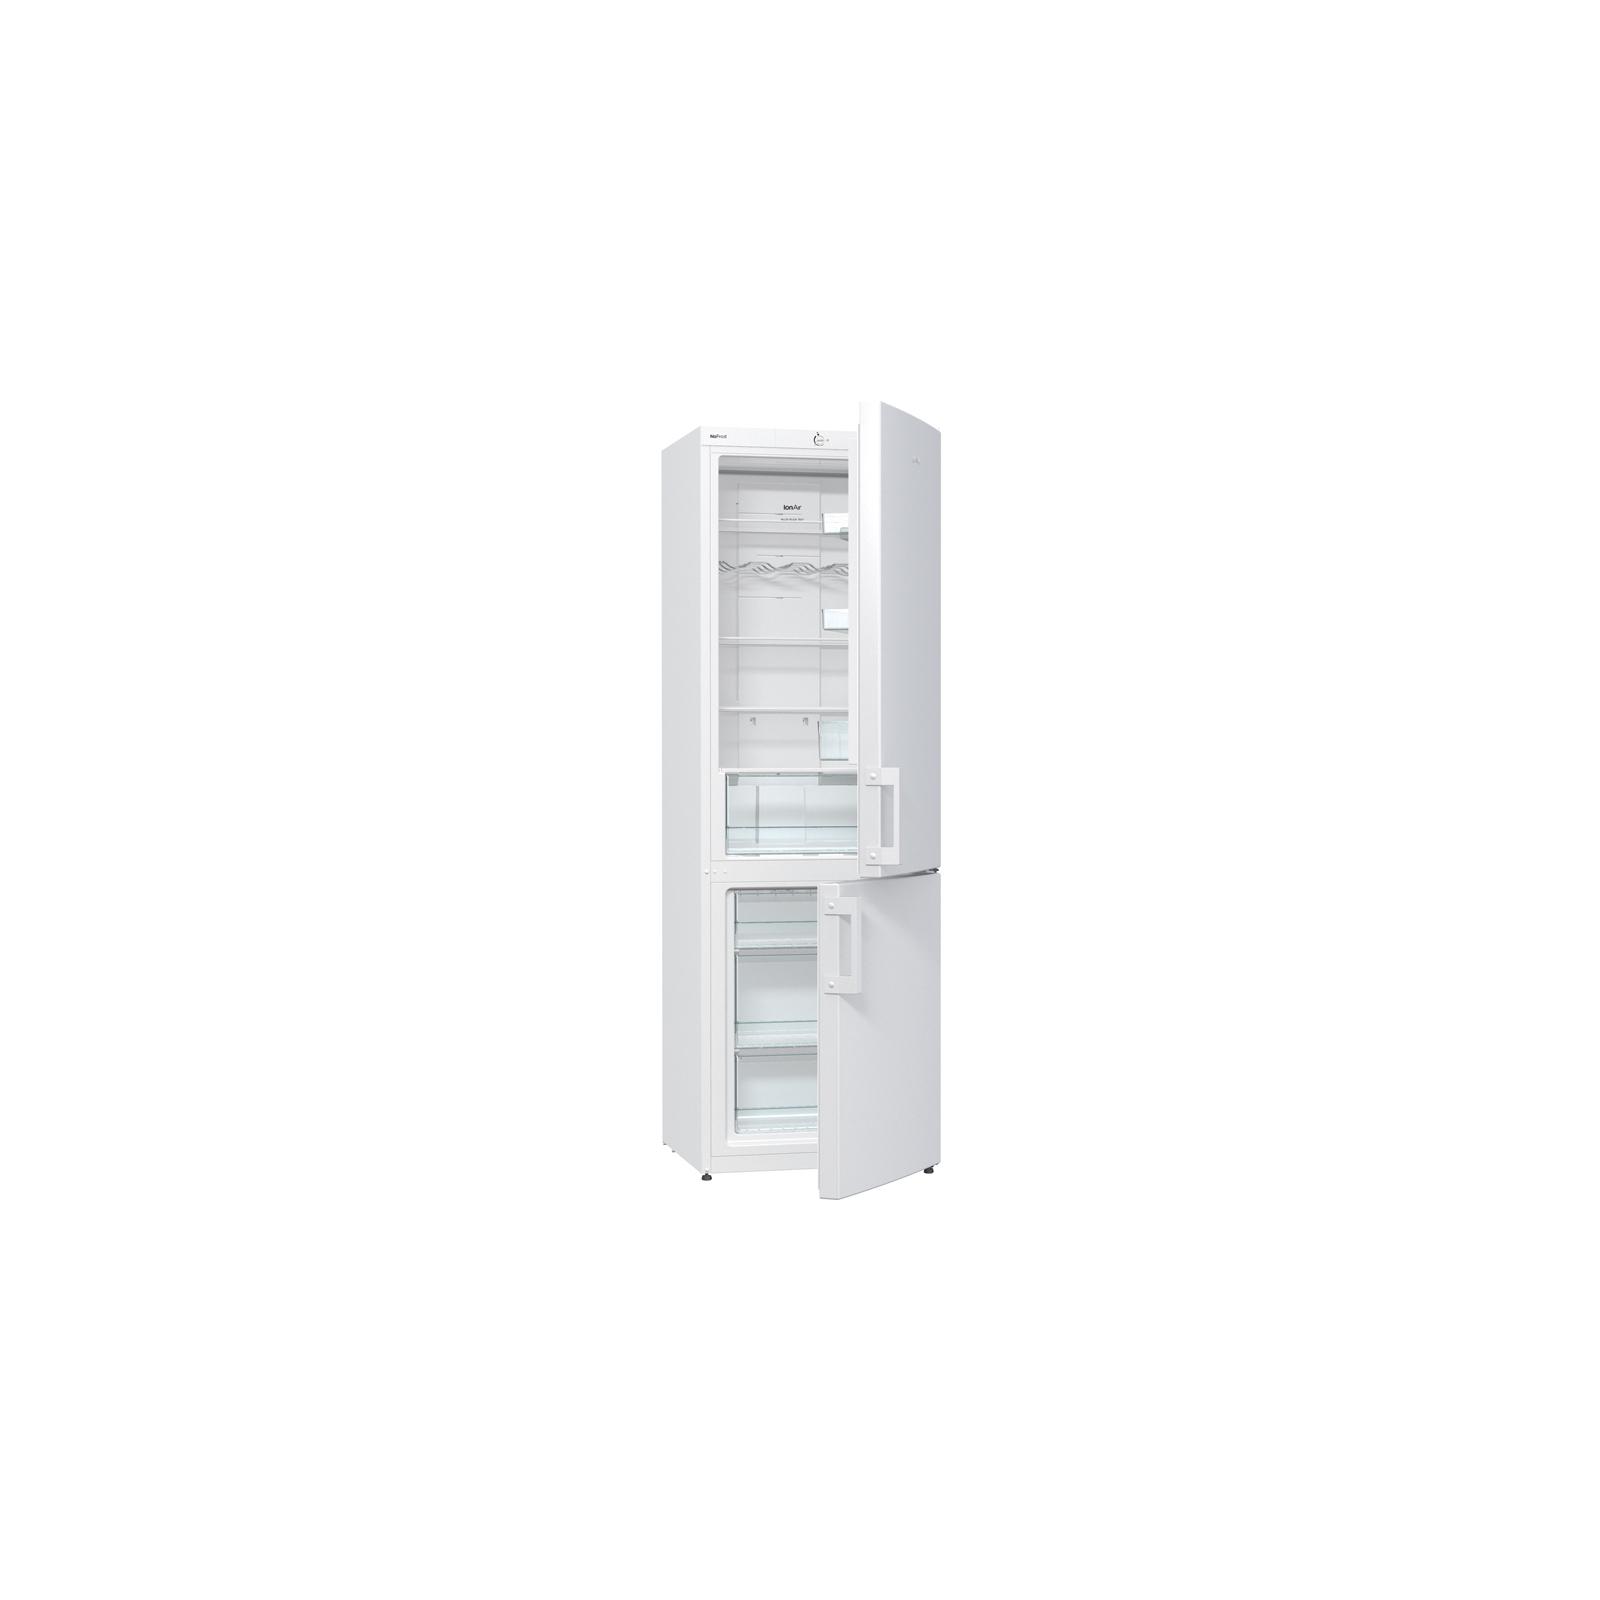 Холодильник Gorenje NRK 6191 CW (NRK6191CW)